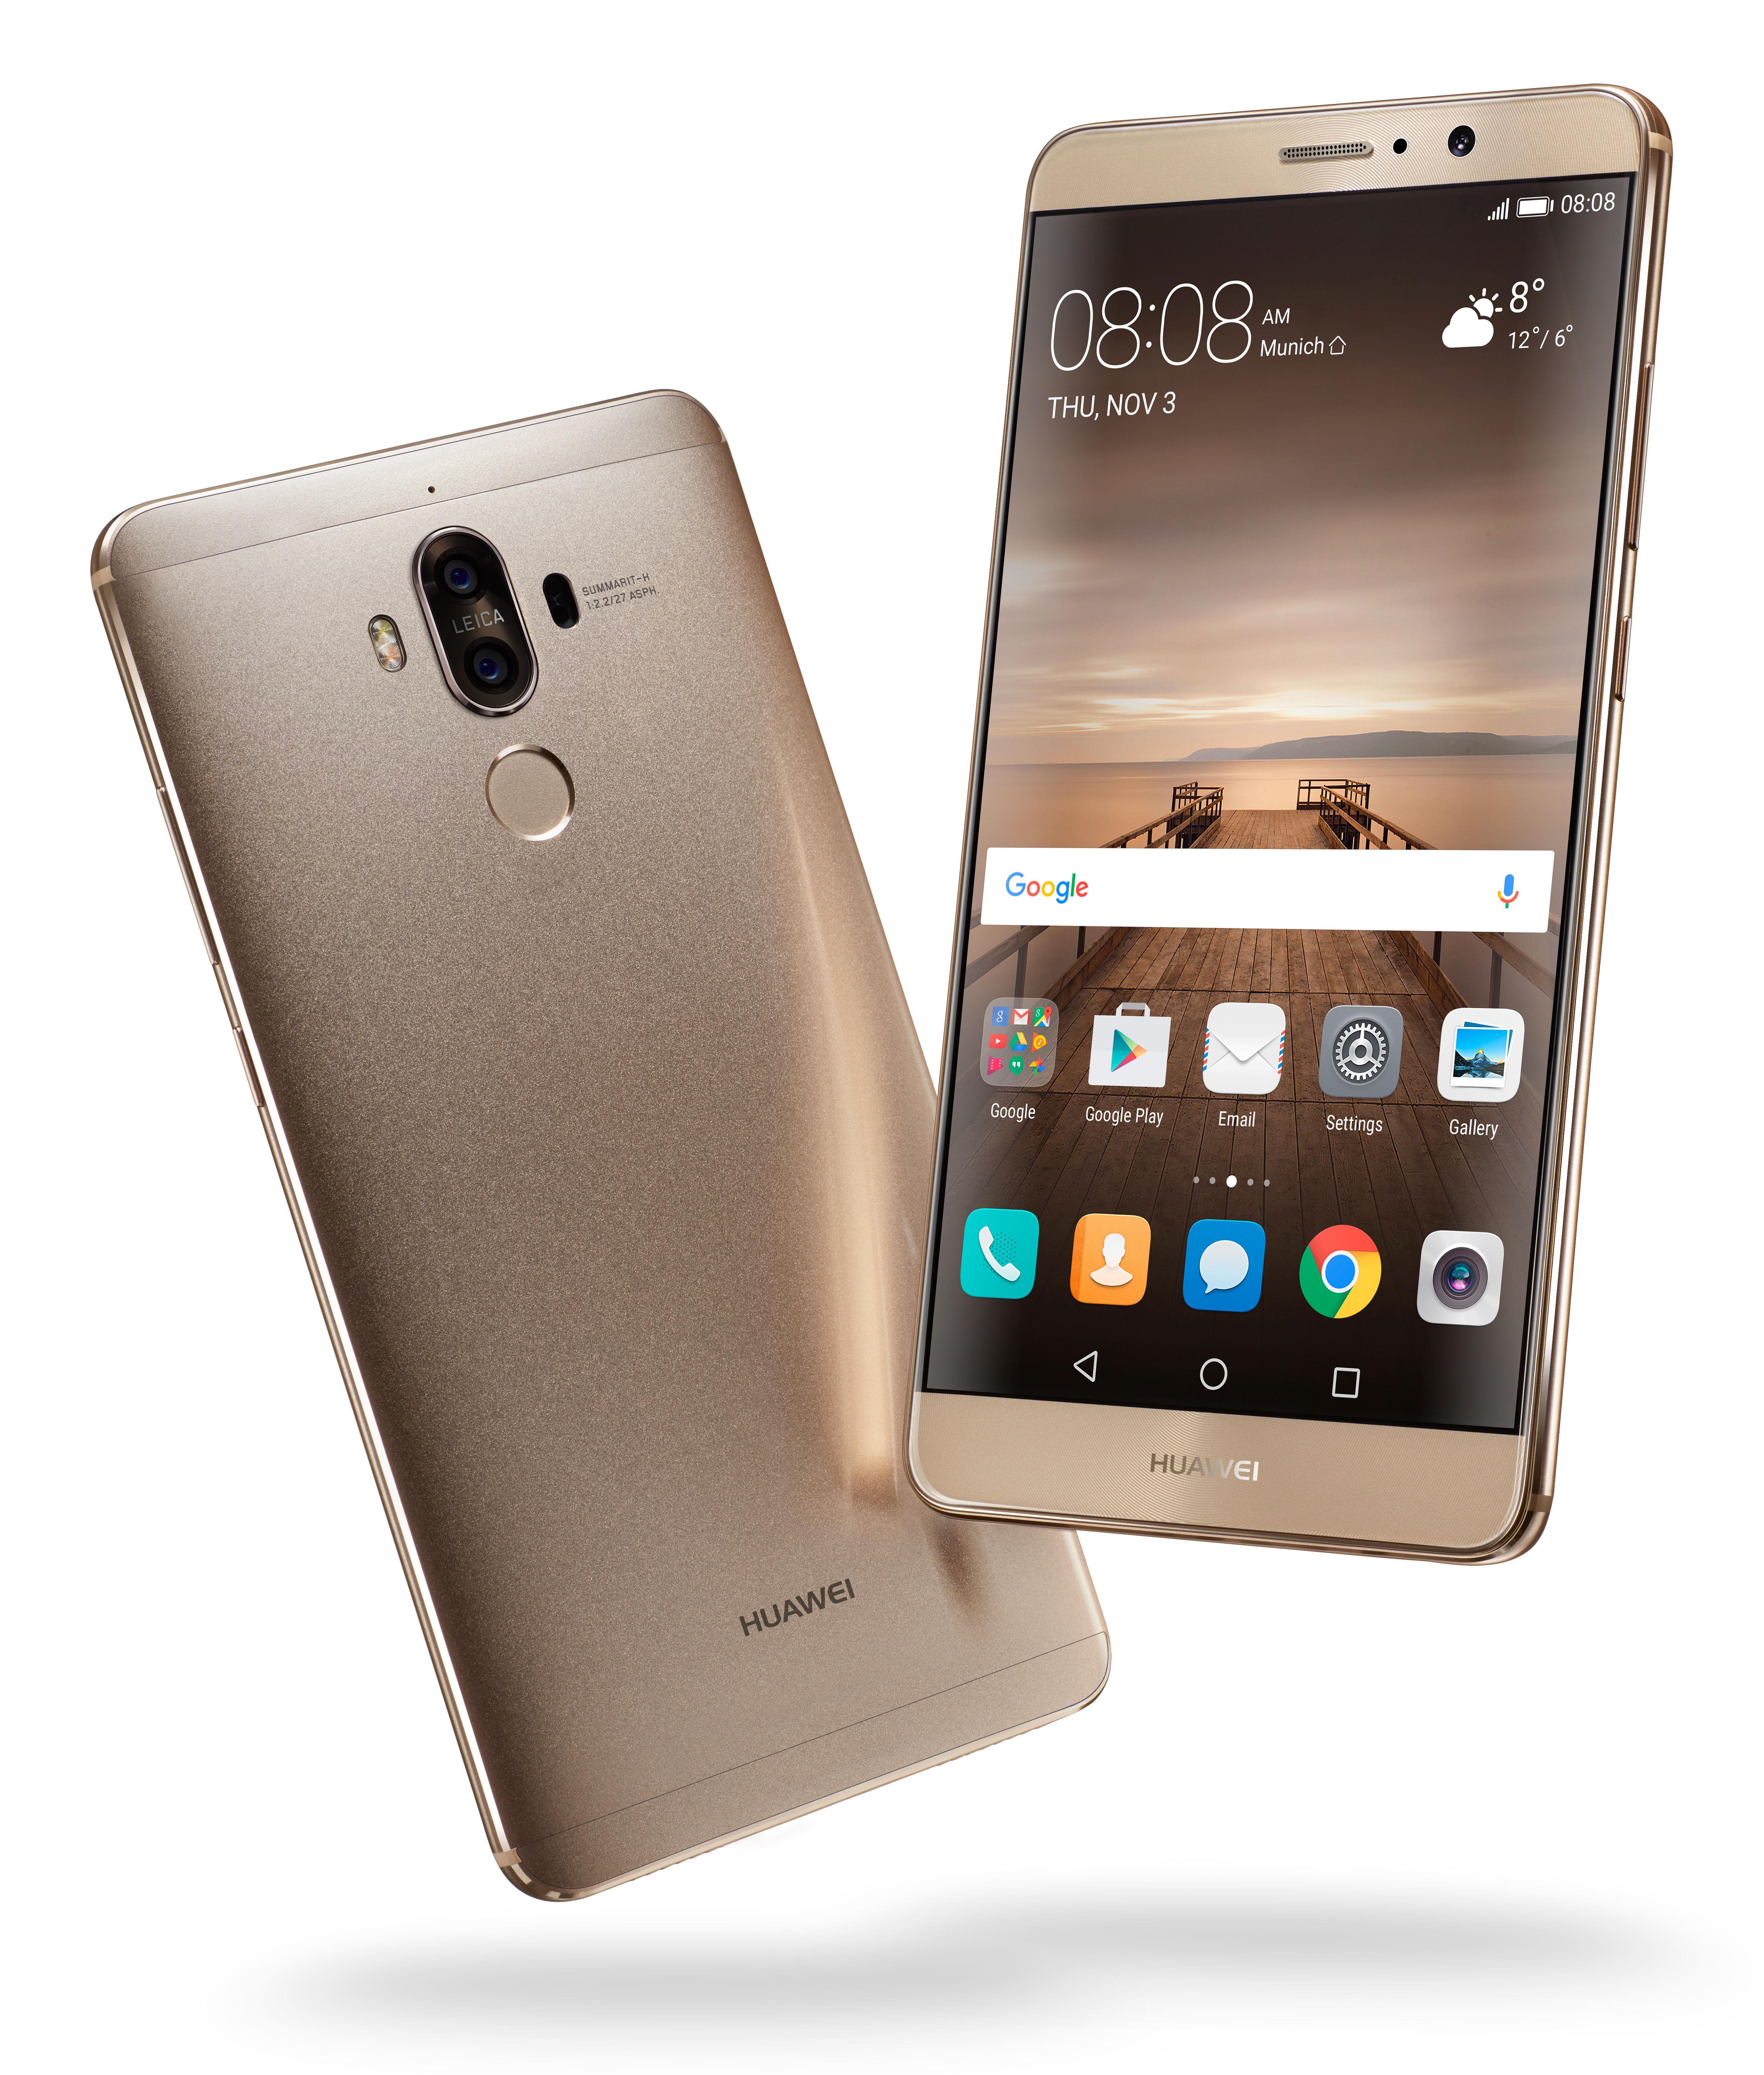 Mate 9, nova doba pametnih telefonov. #AStepAhead